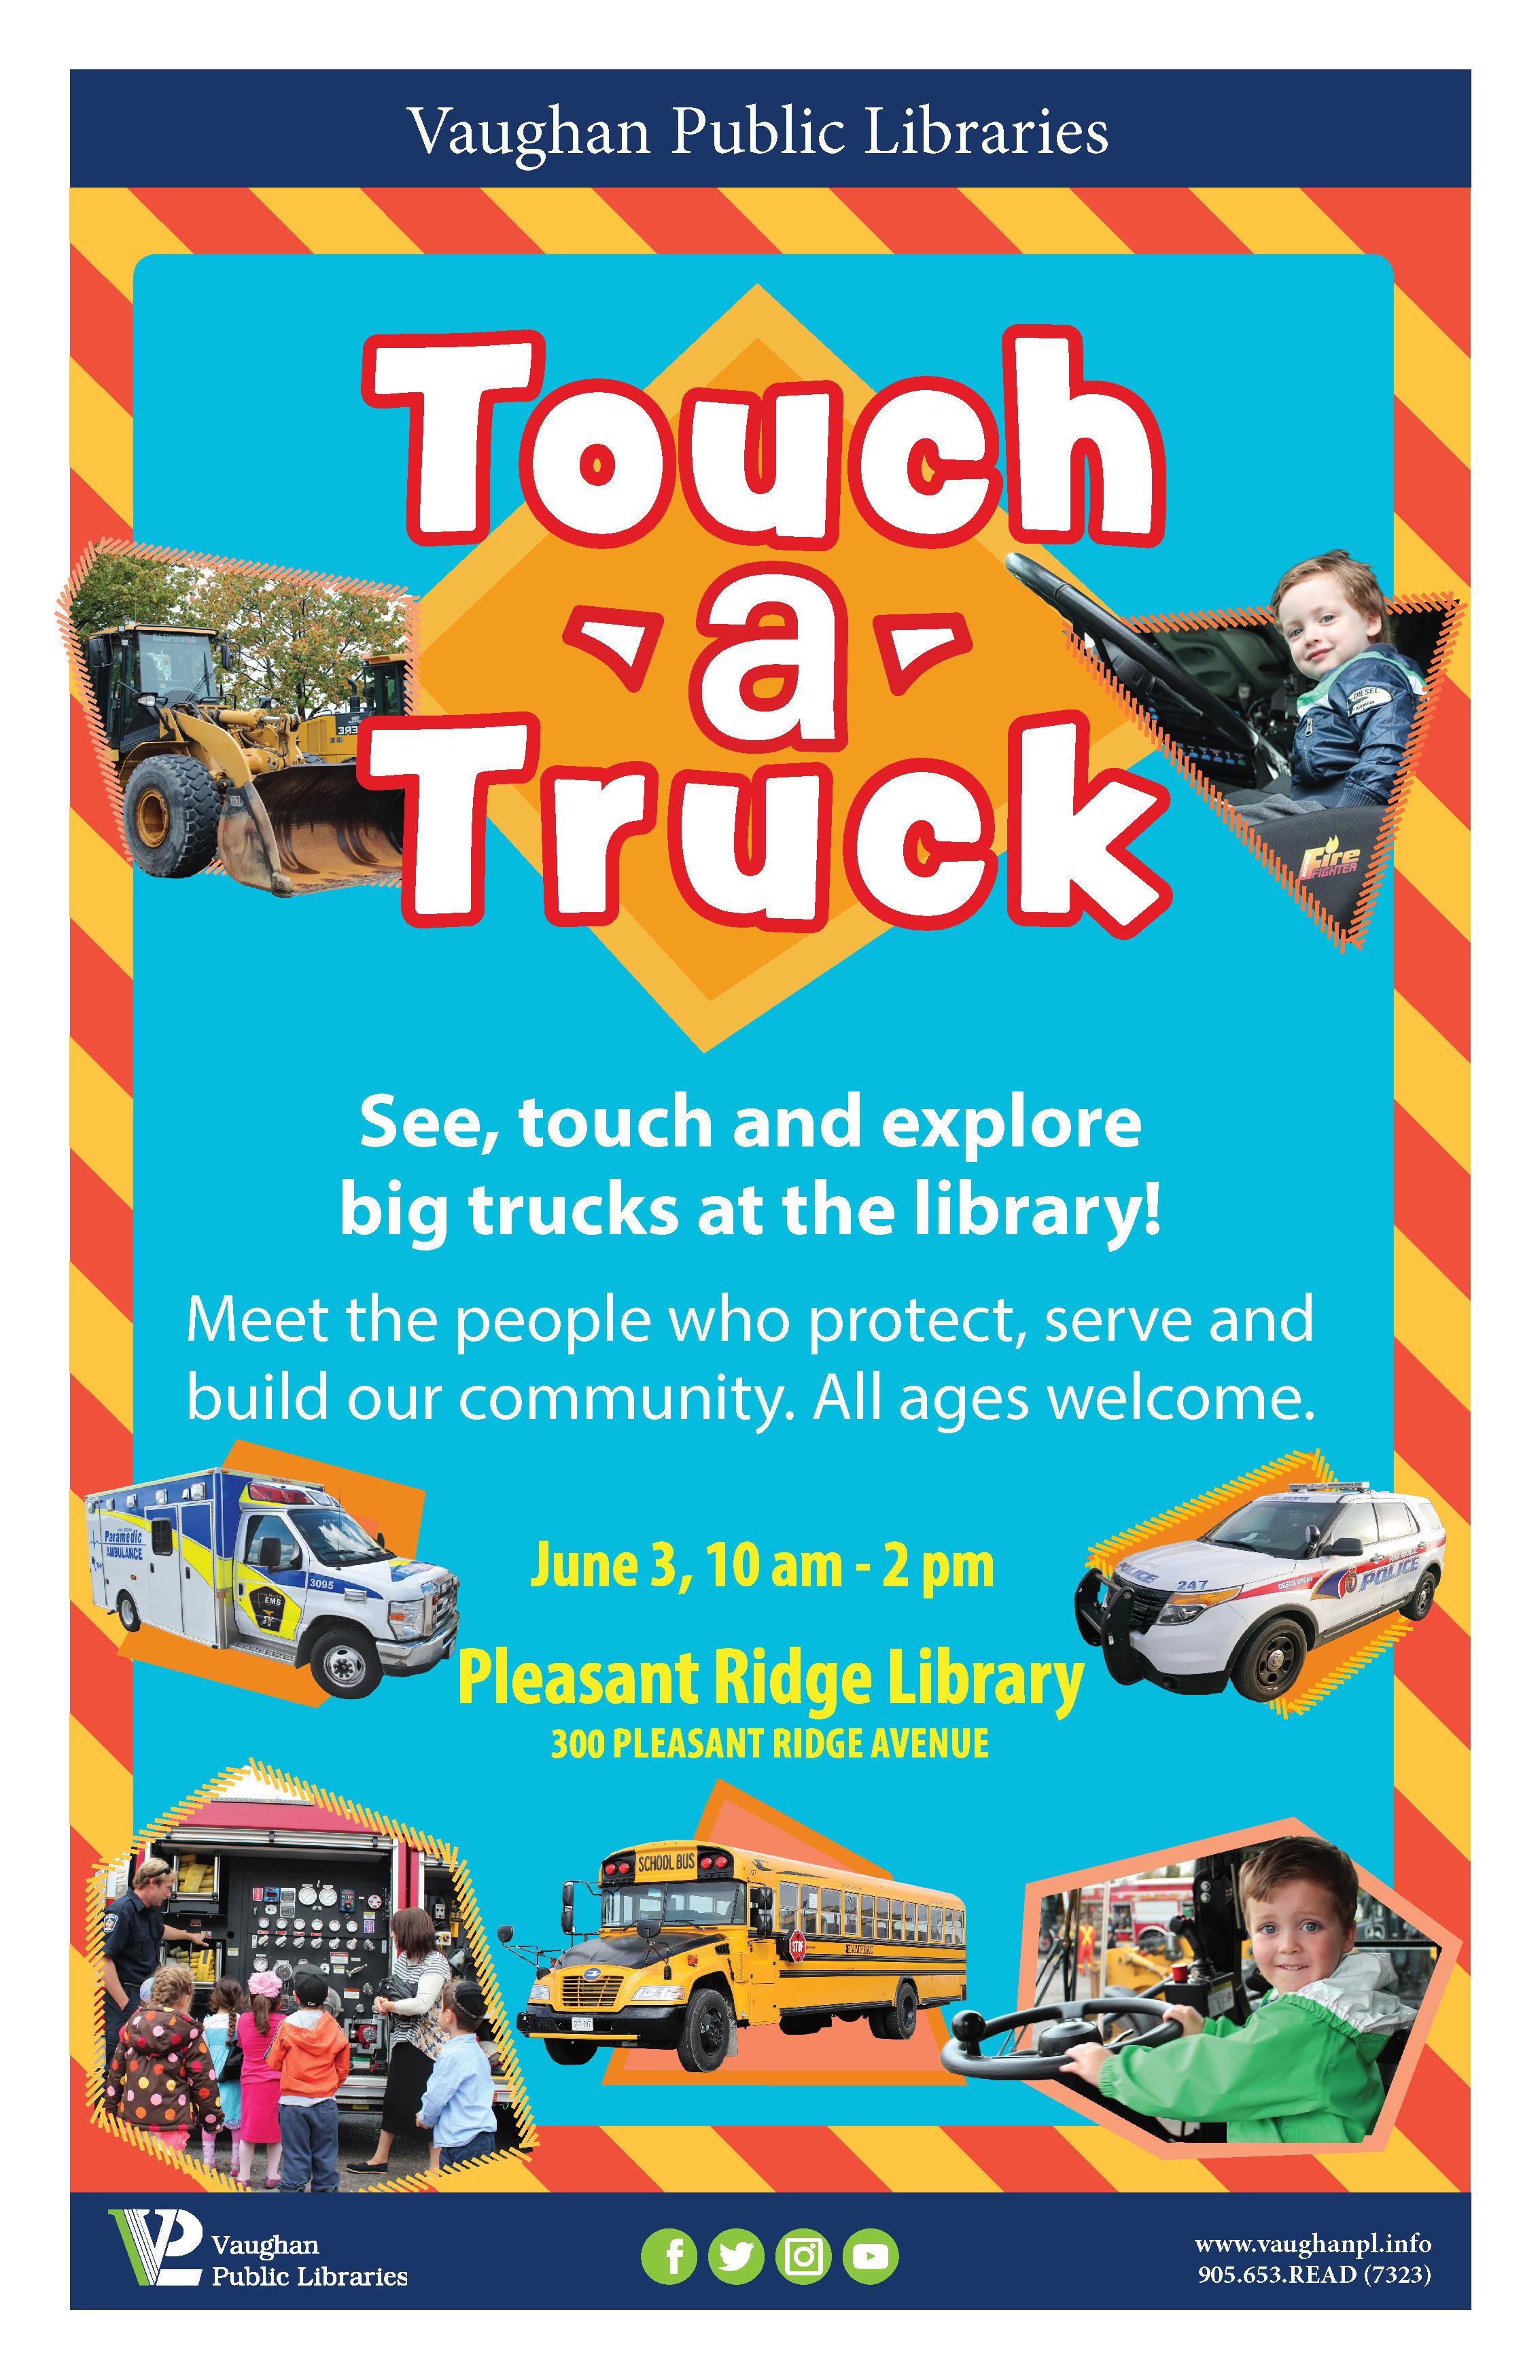 Touch a Truck_2019_11x17.jpg